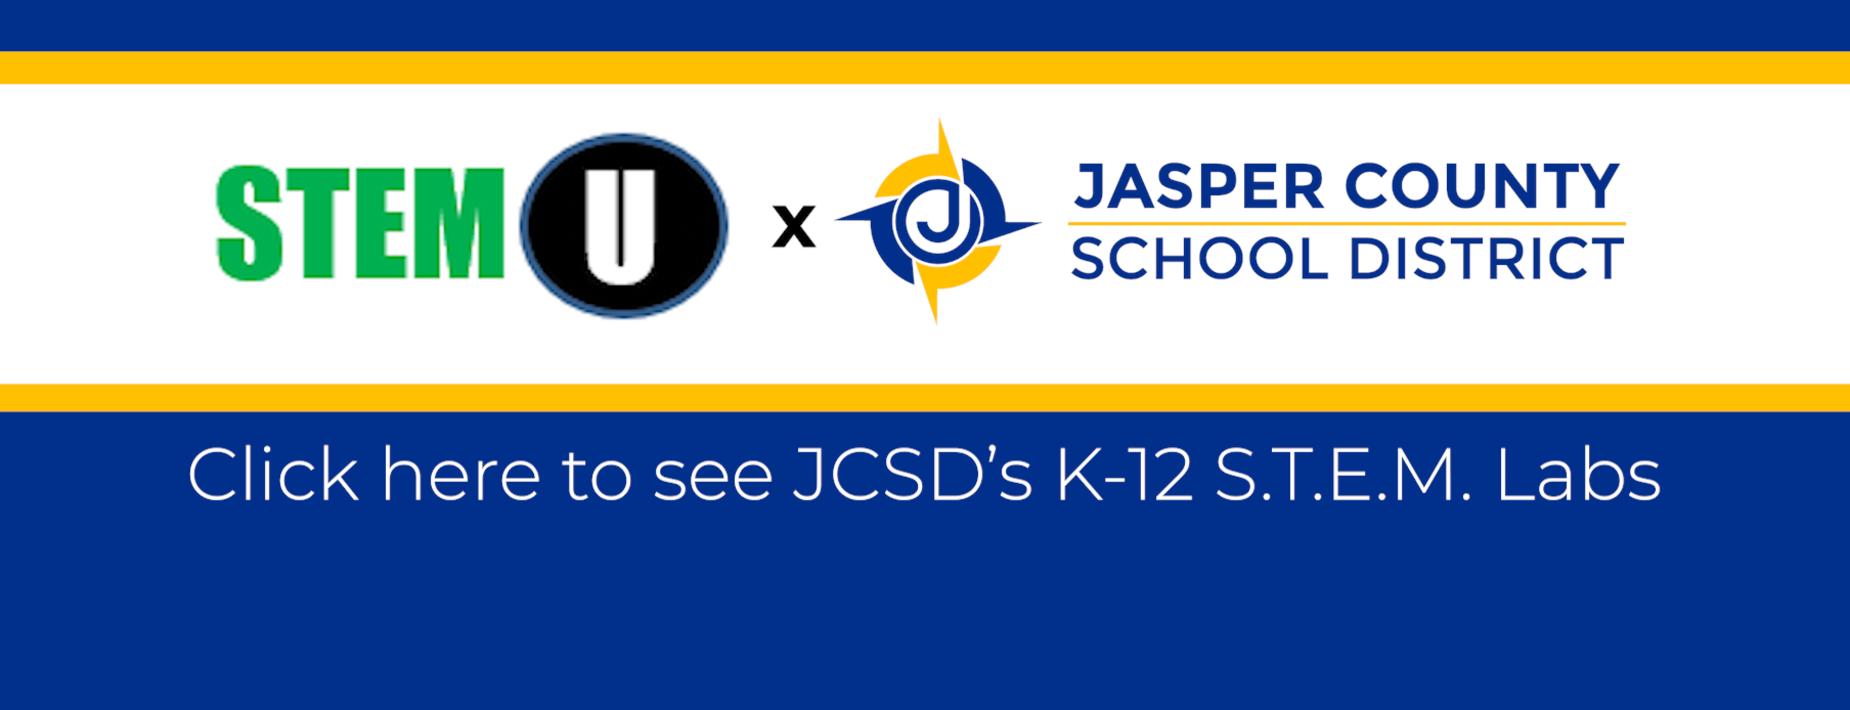 STEM in JCSD